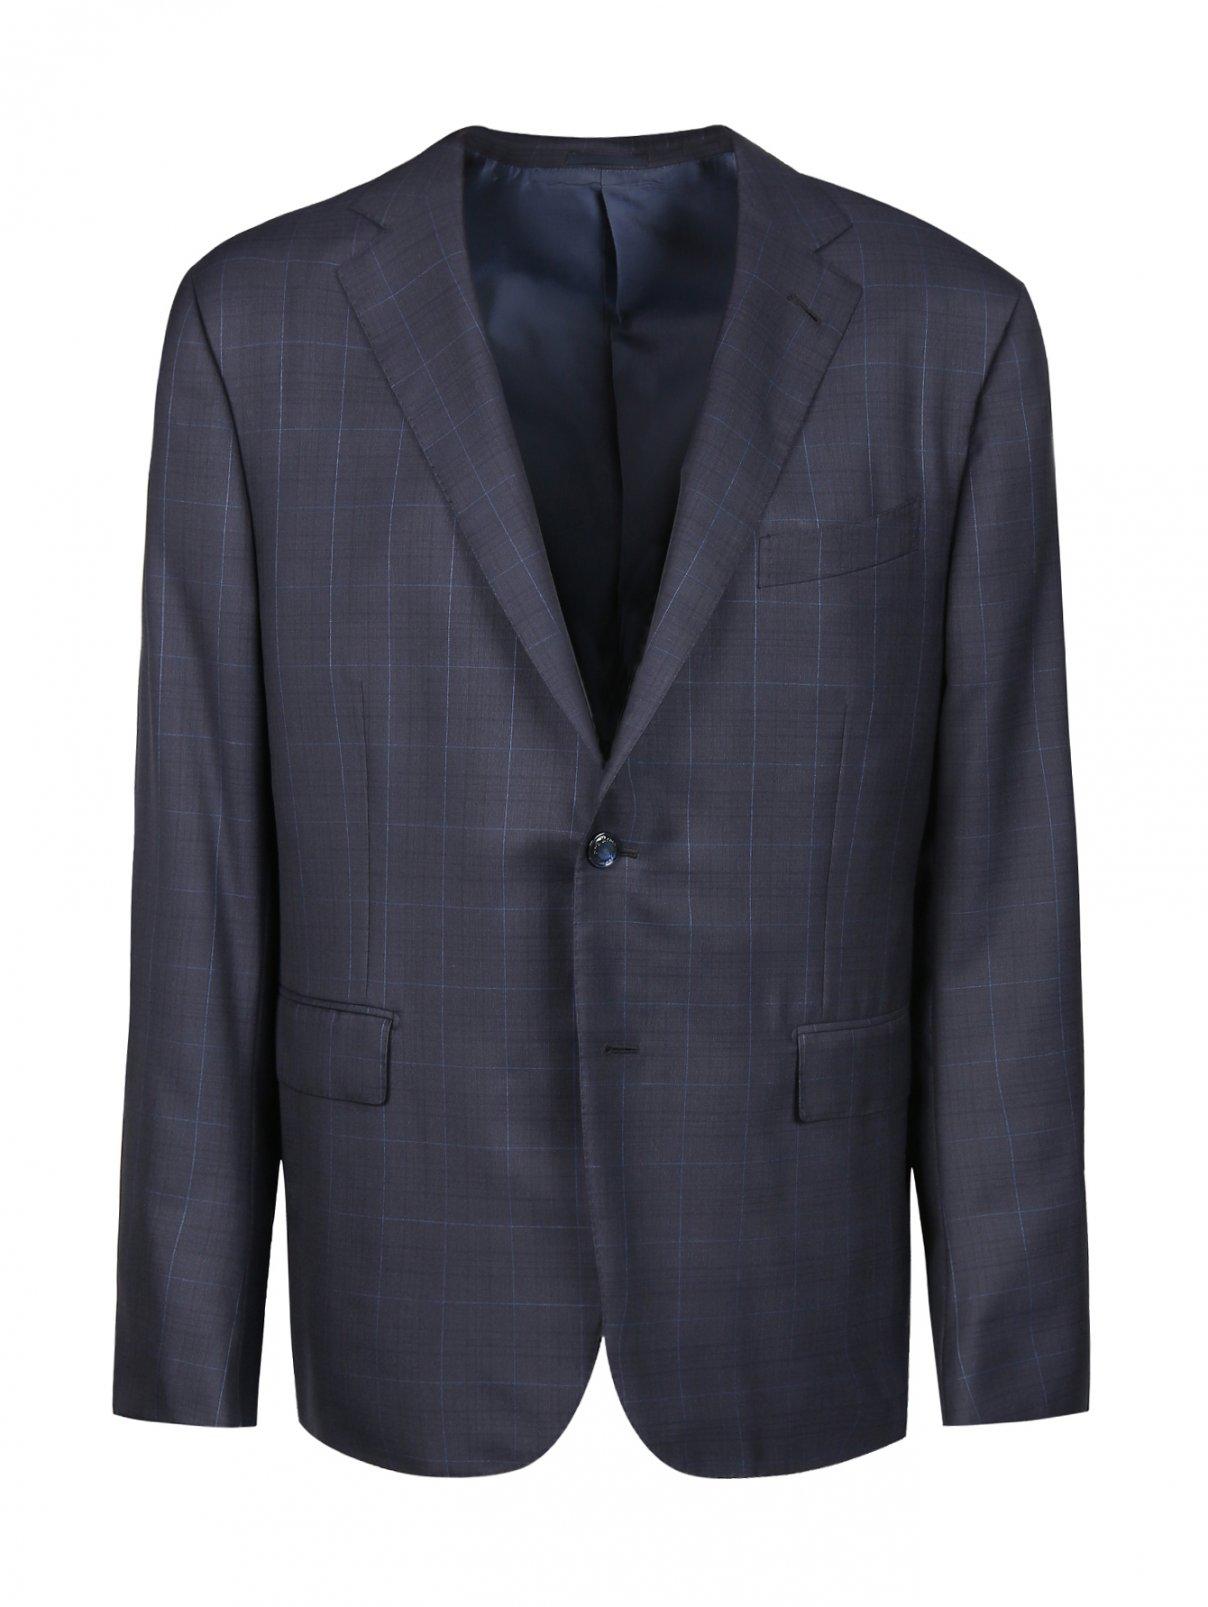 Пиджак из шерсти с узором Ermenegildo Zegna  –  Общий вид  – Цвет:  Синий